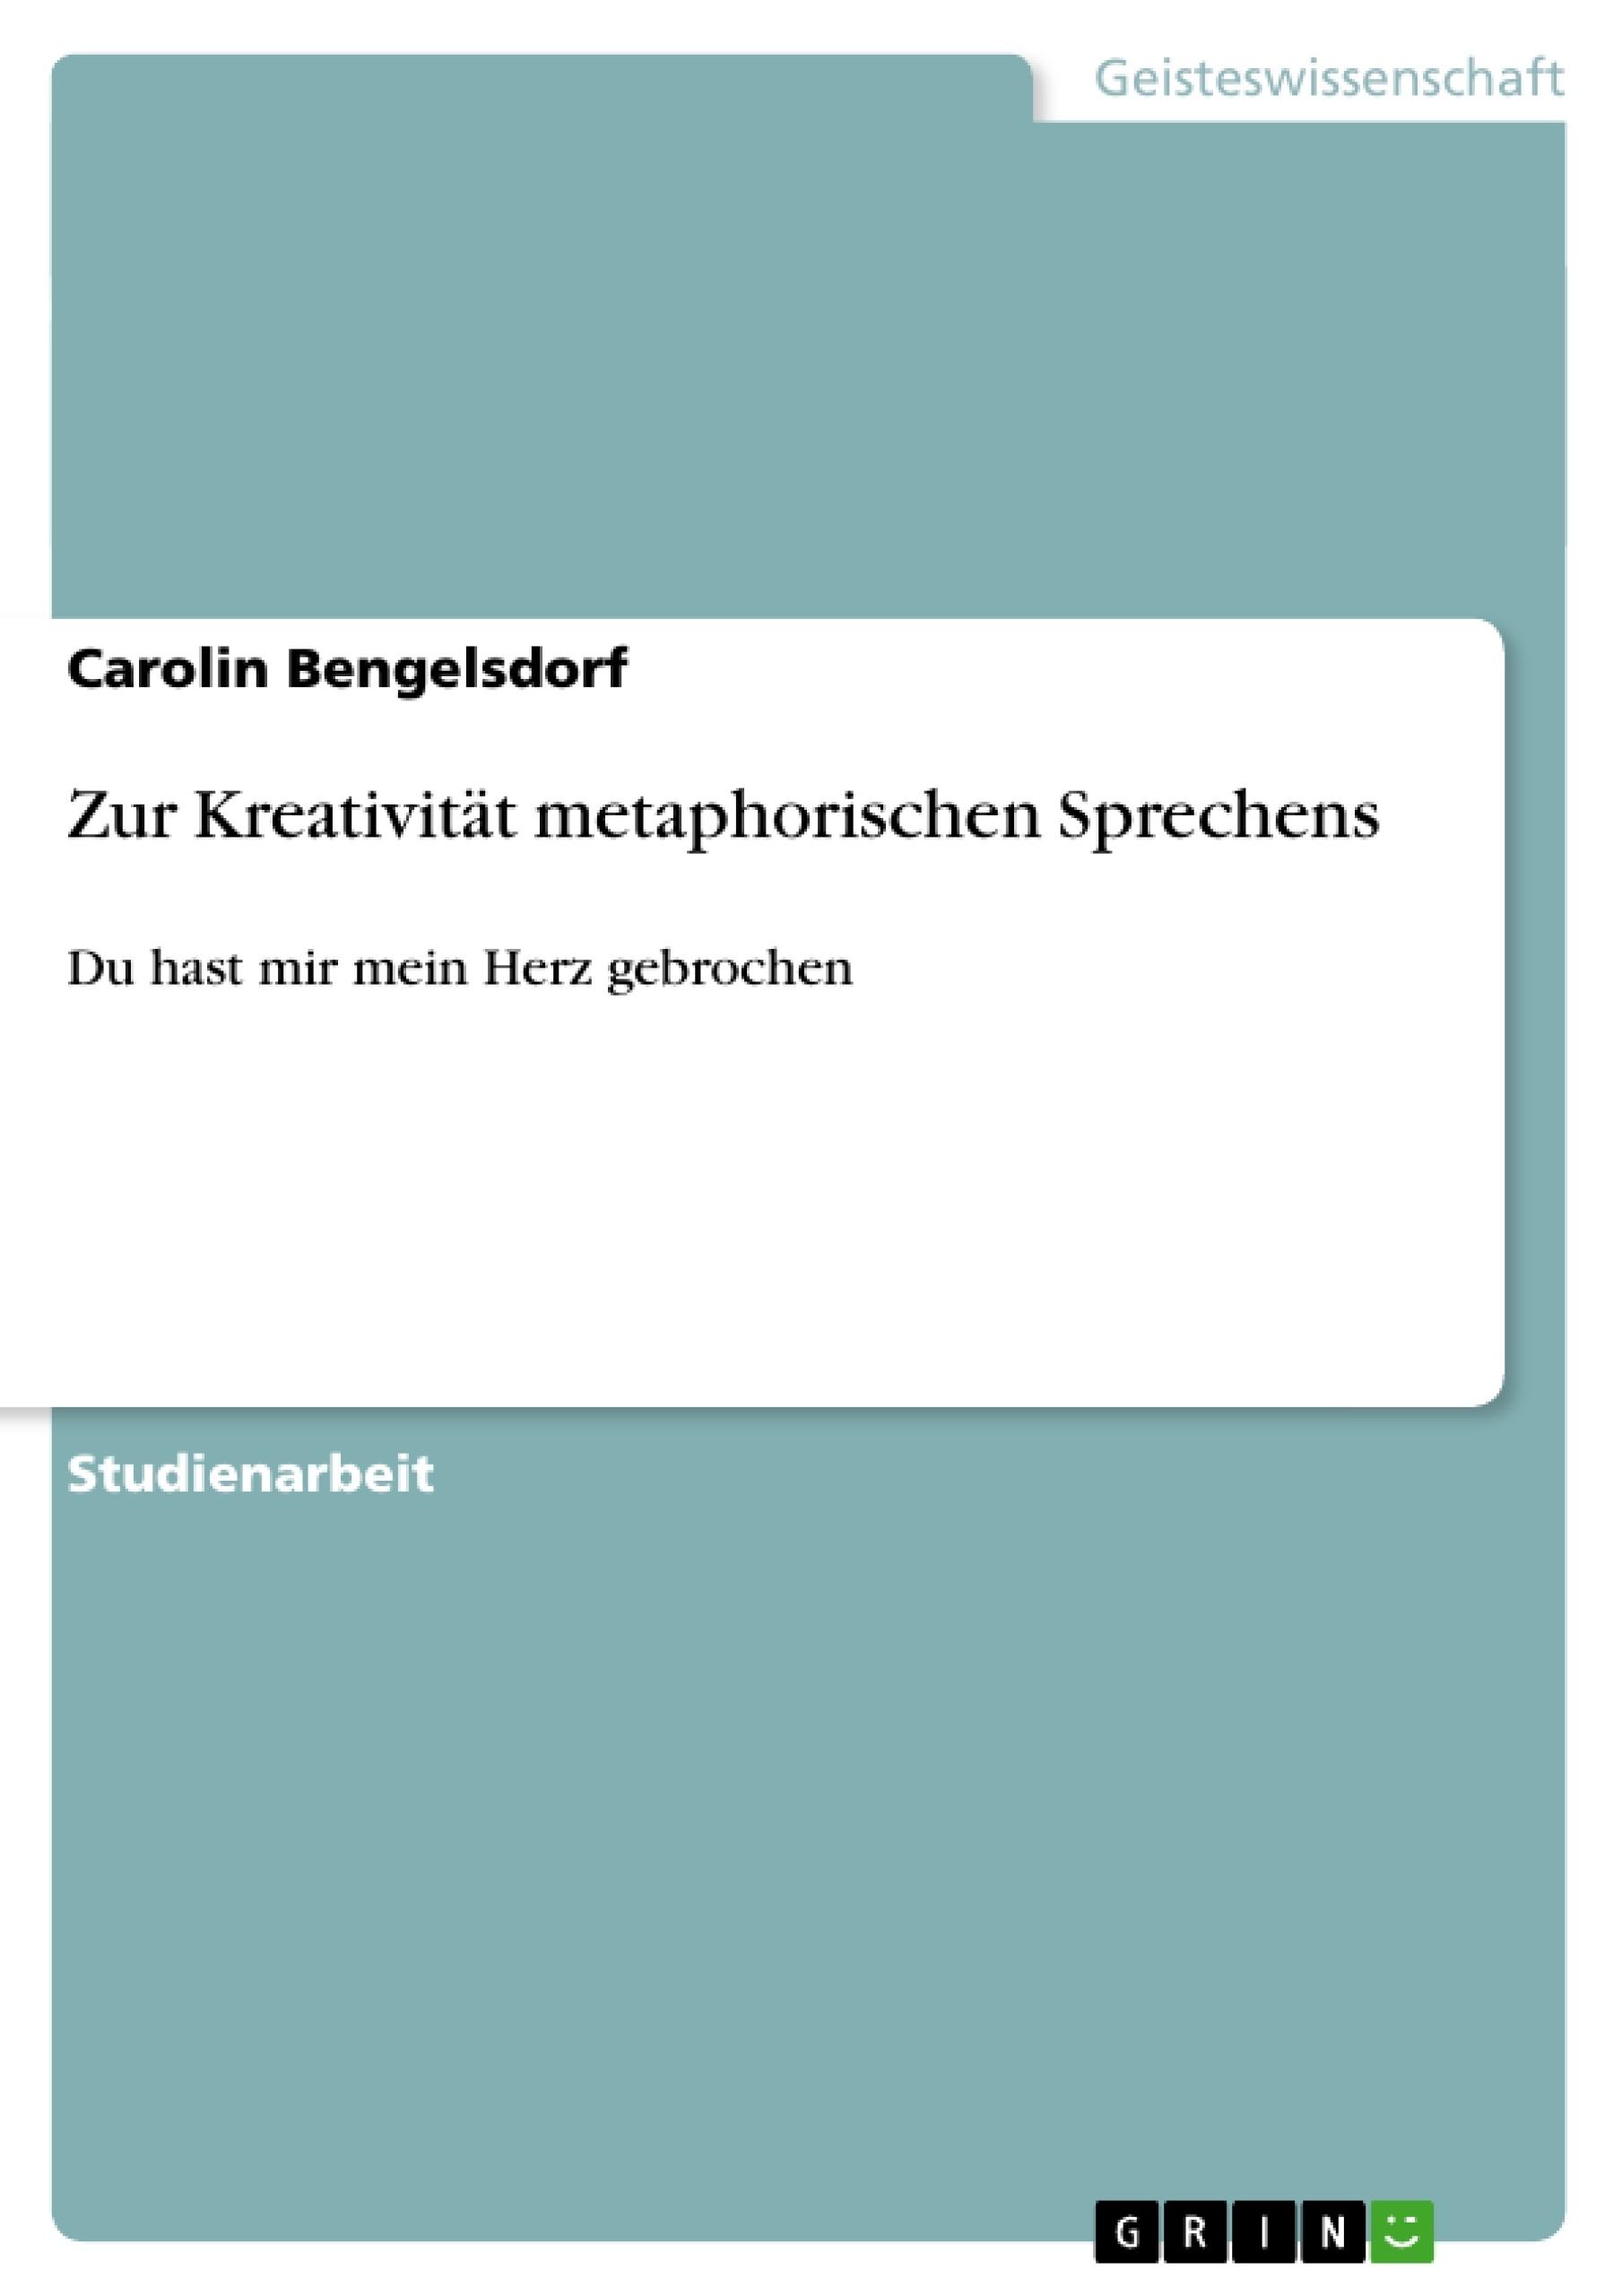 Titel: Zur Kreativität metaphorischen Sprechens